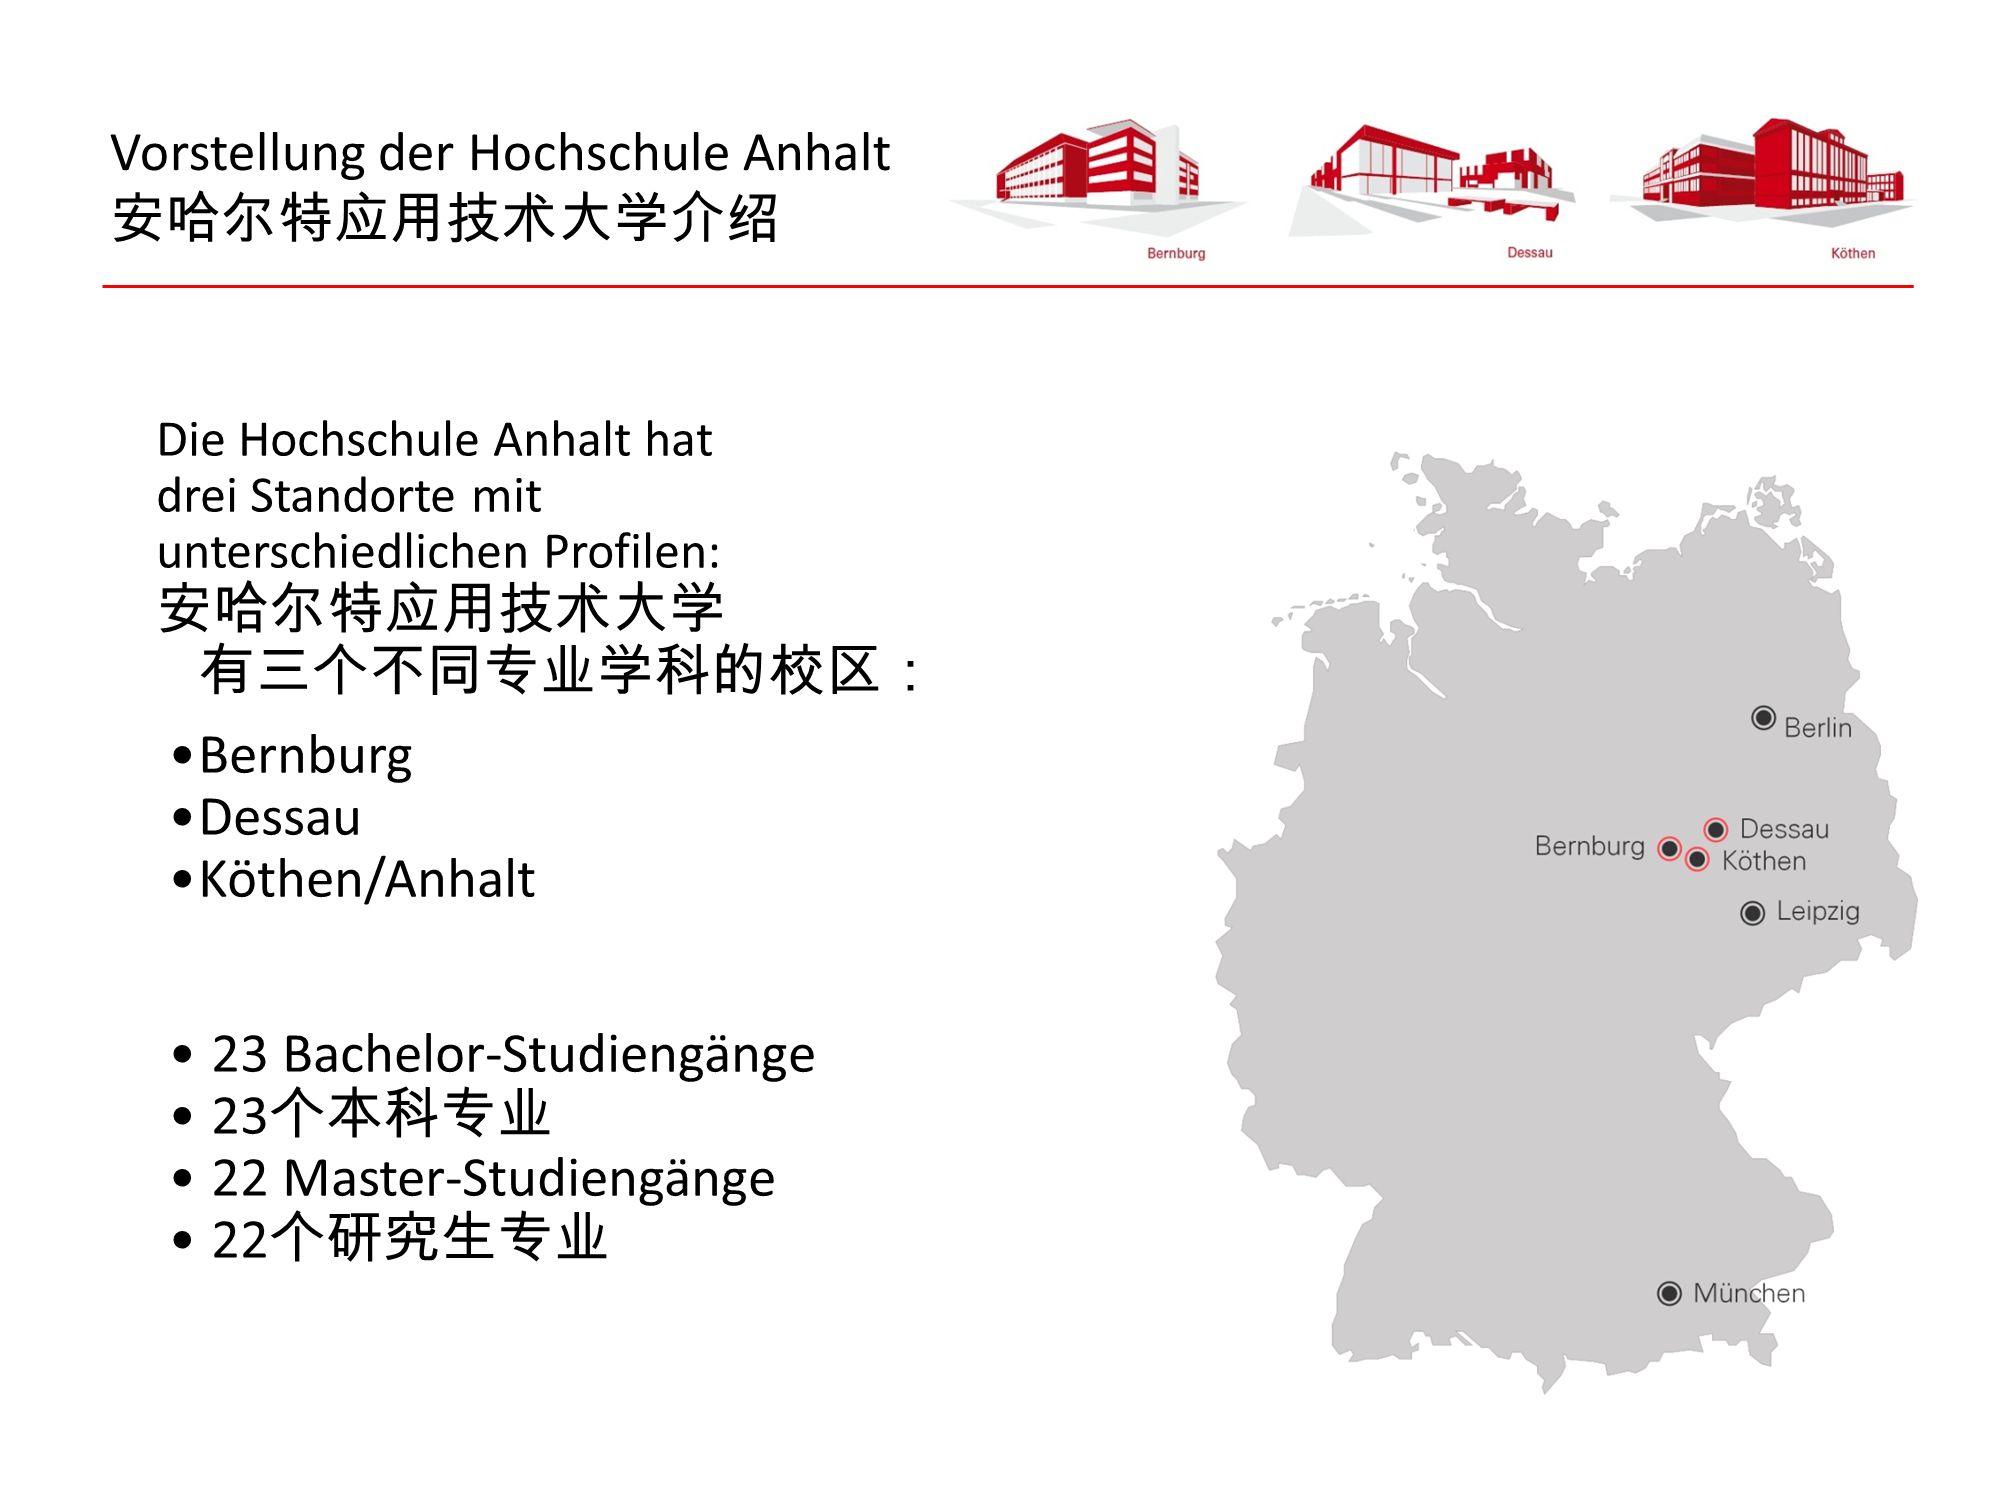 Vorstellung der Hochschule Anhalt 安哈尔特应用技术大学介绍 Die Hochschule Anhalt hat drei Standorte mit unterschiedlichen Profilen: 安哈尔特应用技术大学 有三个不同专业学科的校区: Bernburg Dessau Köthen/Anhalt 23 Bachelor-Studiengänge 23 个本科专业 22 Master-Studiengänge 22 个研究生专业